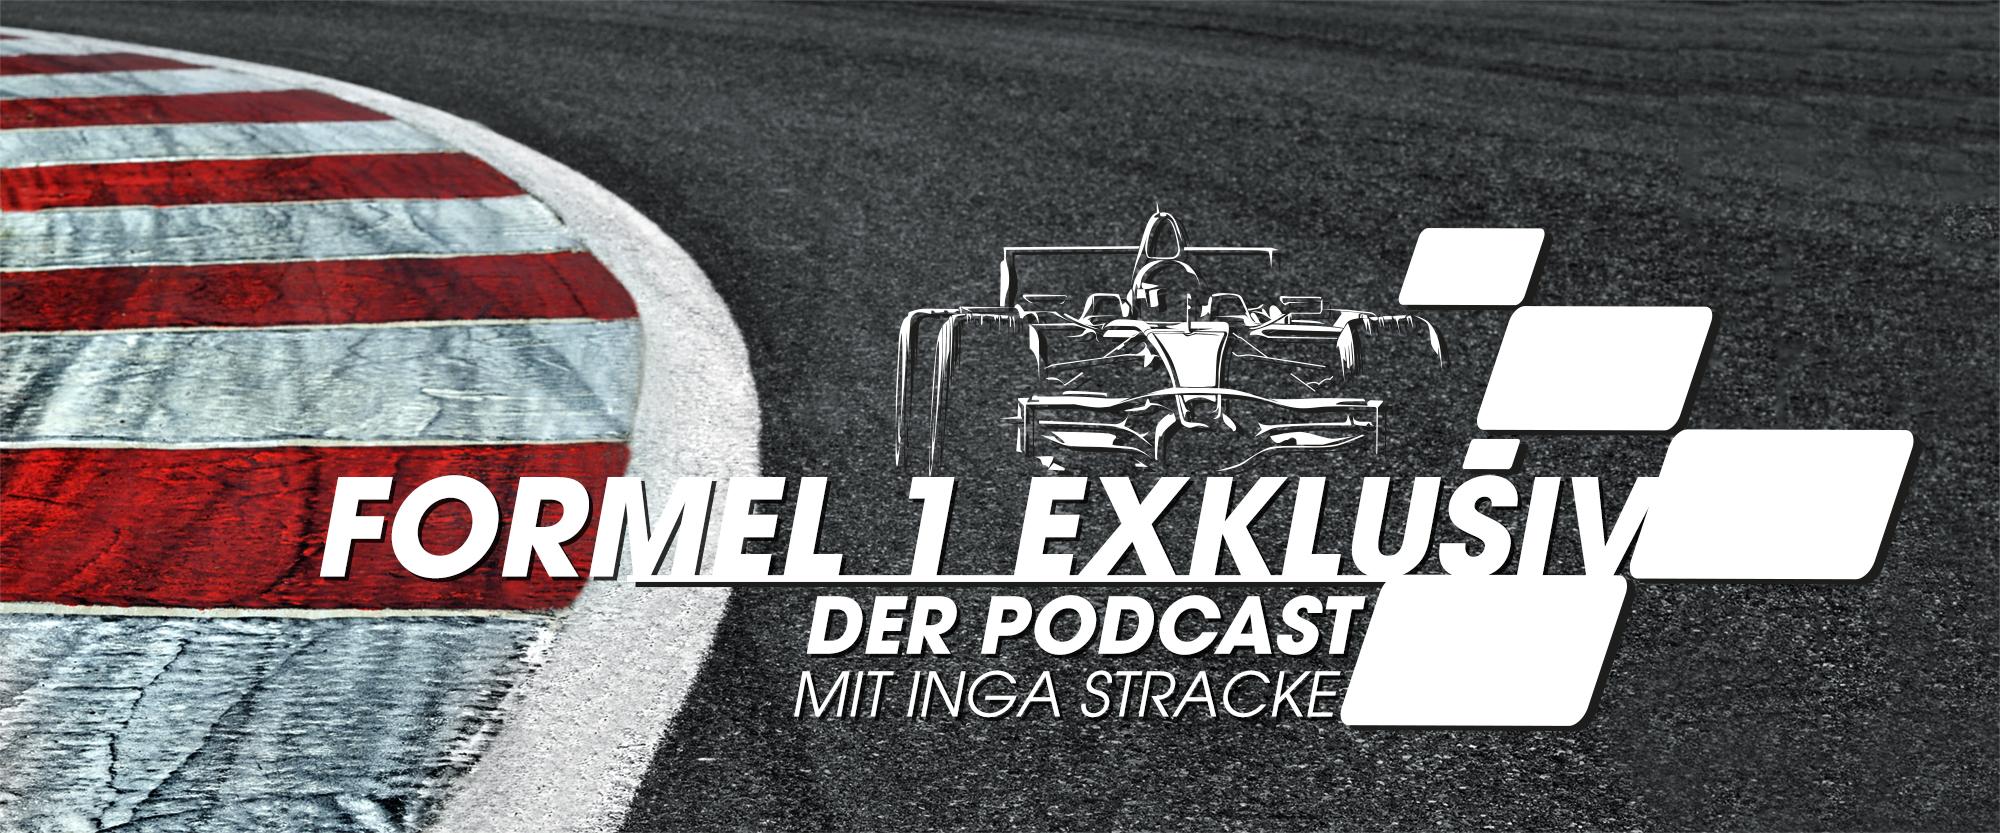 Formel1-Podcast-Titel.jpg